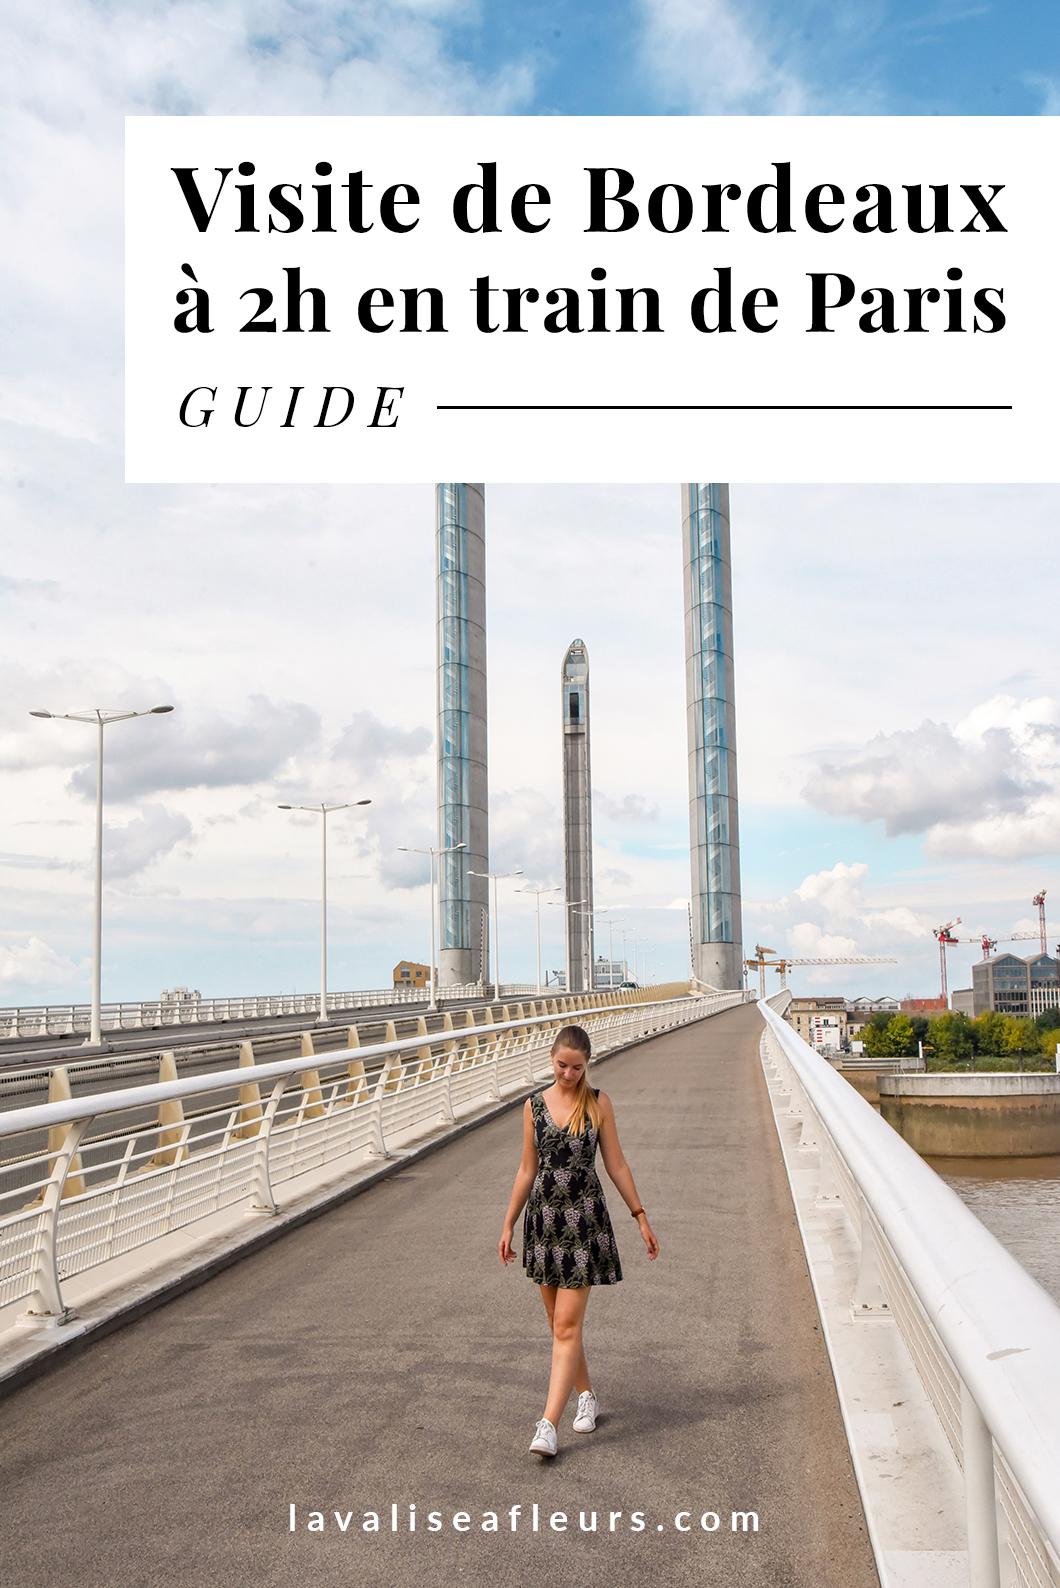 Visite de Bordeaux, guide de nos incontournables